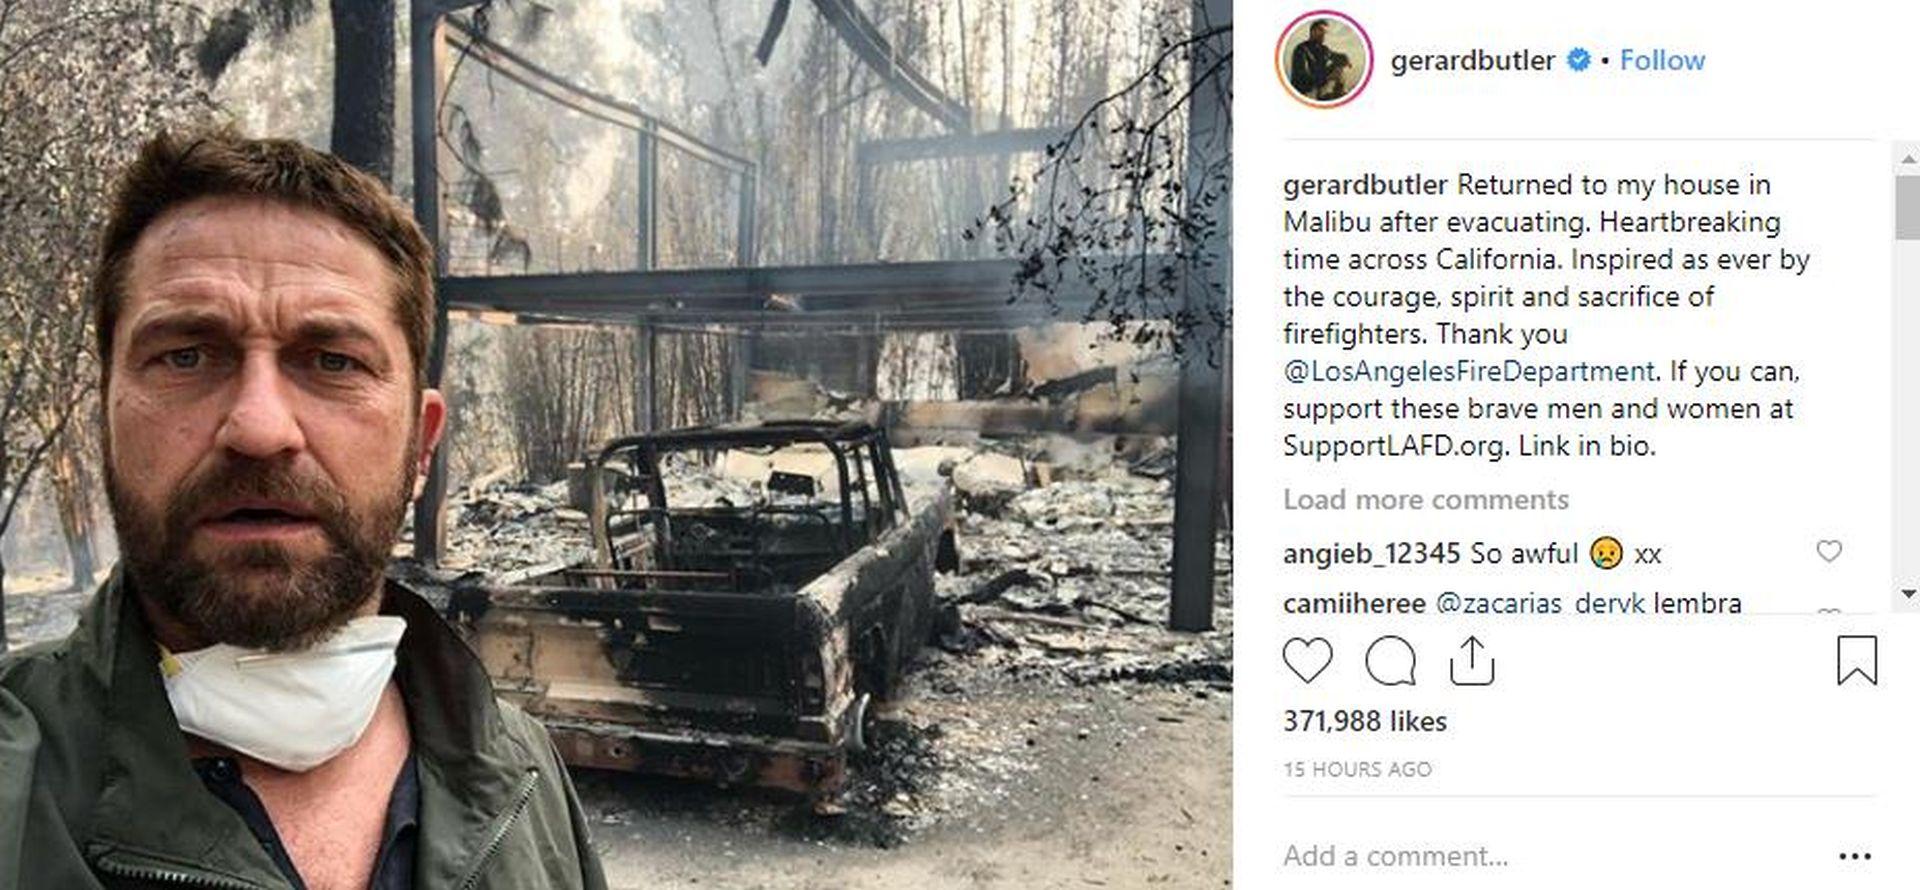 KUĆE SLAVNIH IZGORJELE U POŽARU: Gerard Butler podijelio fotografiju izgorenog doma u Malibuu